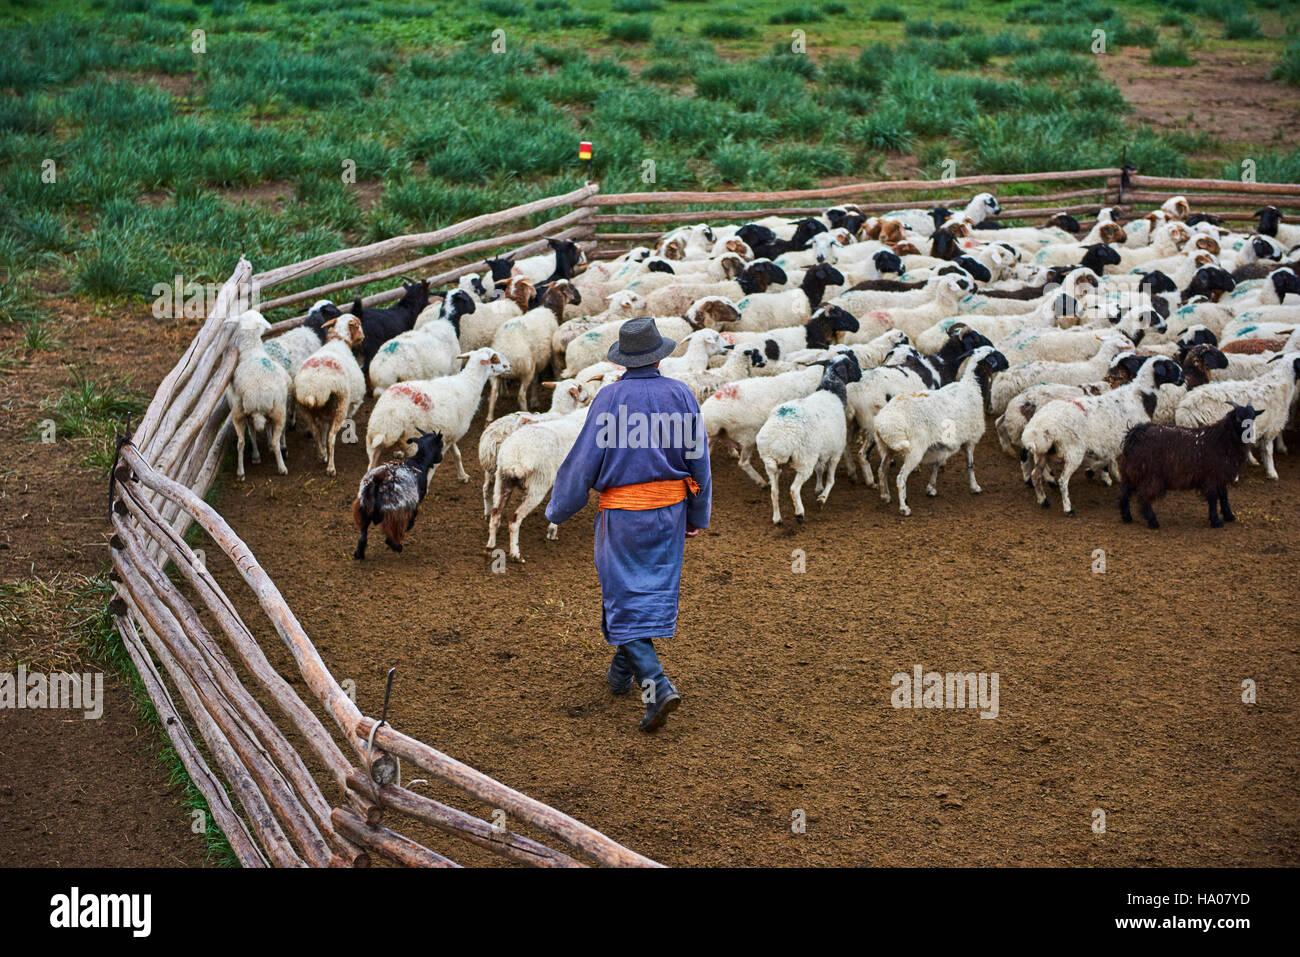 La Mongolie, province Arkhangai, nomad camp, troupeau de moutons Banque D'Images